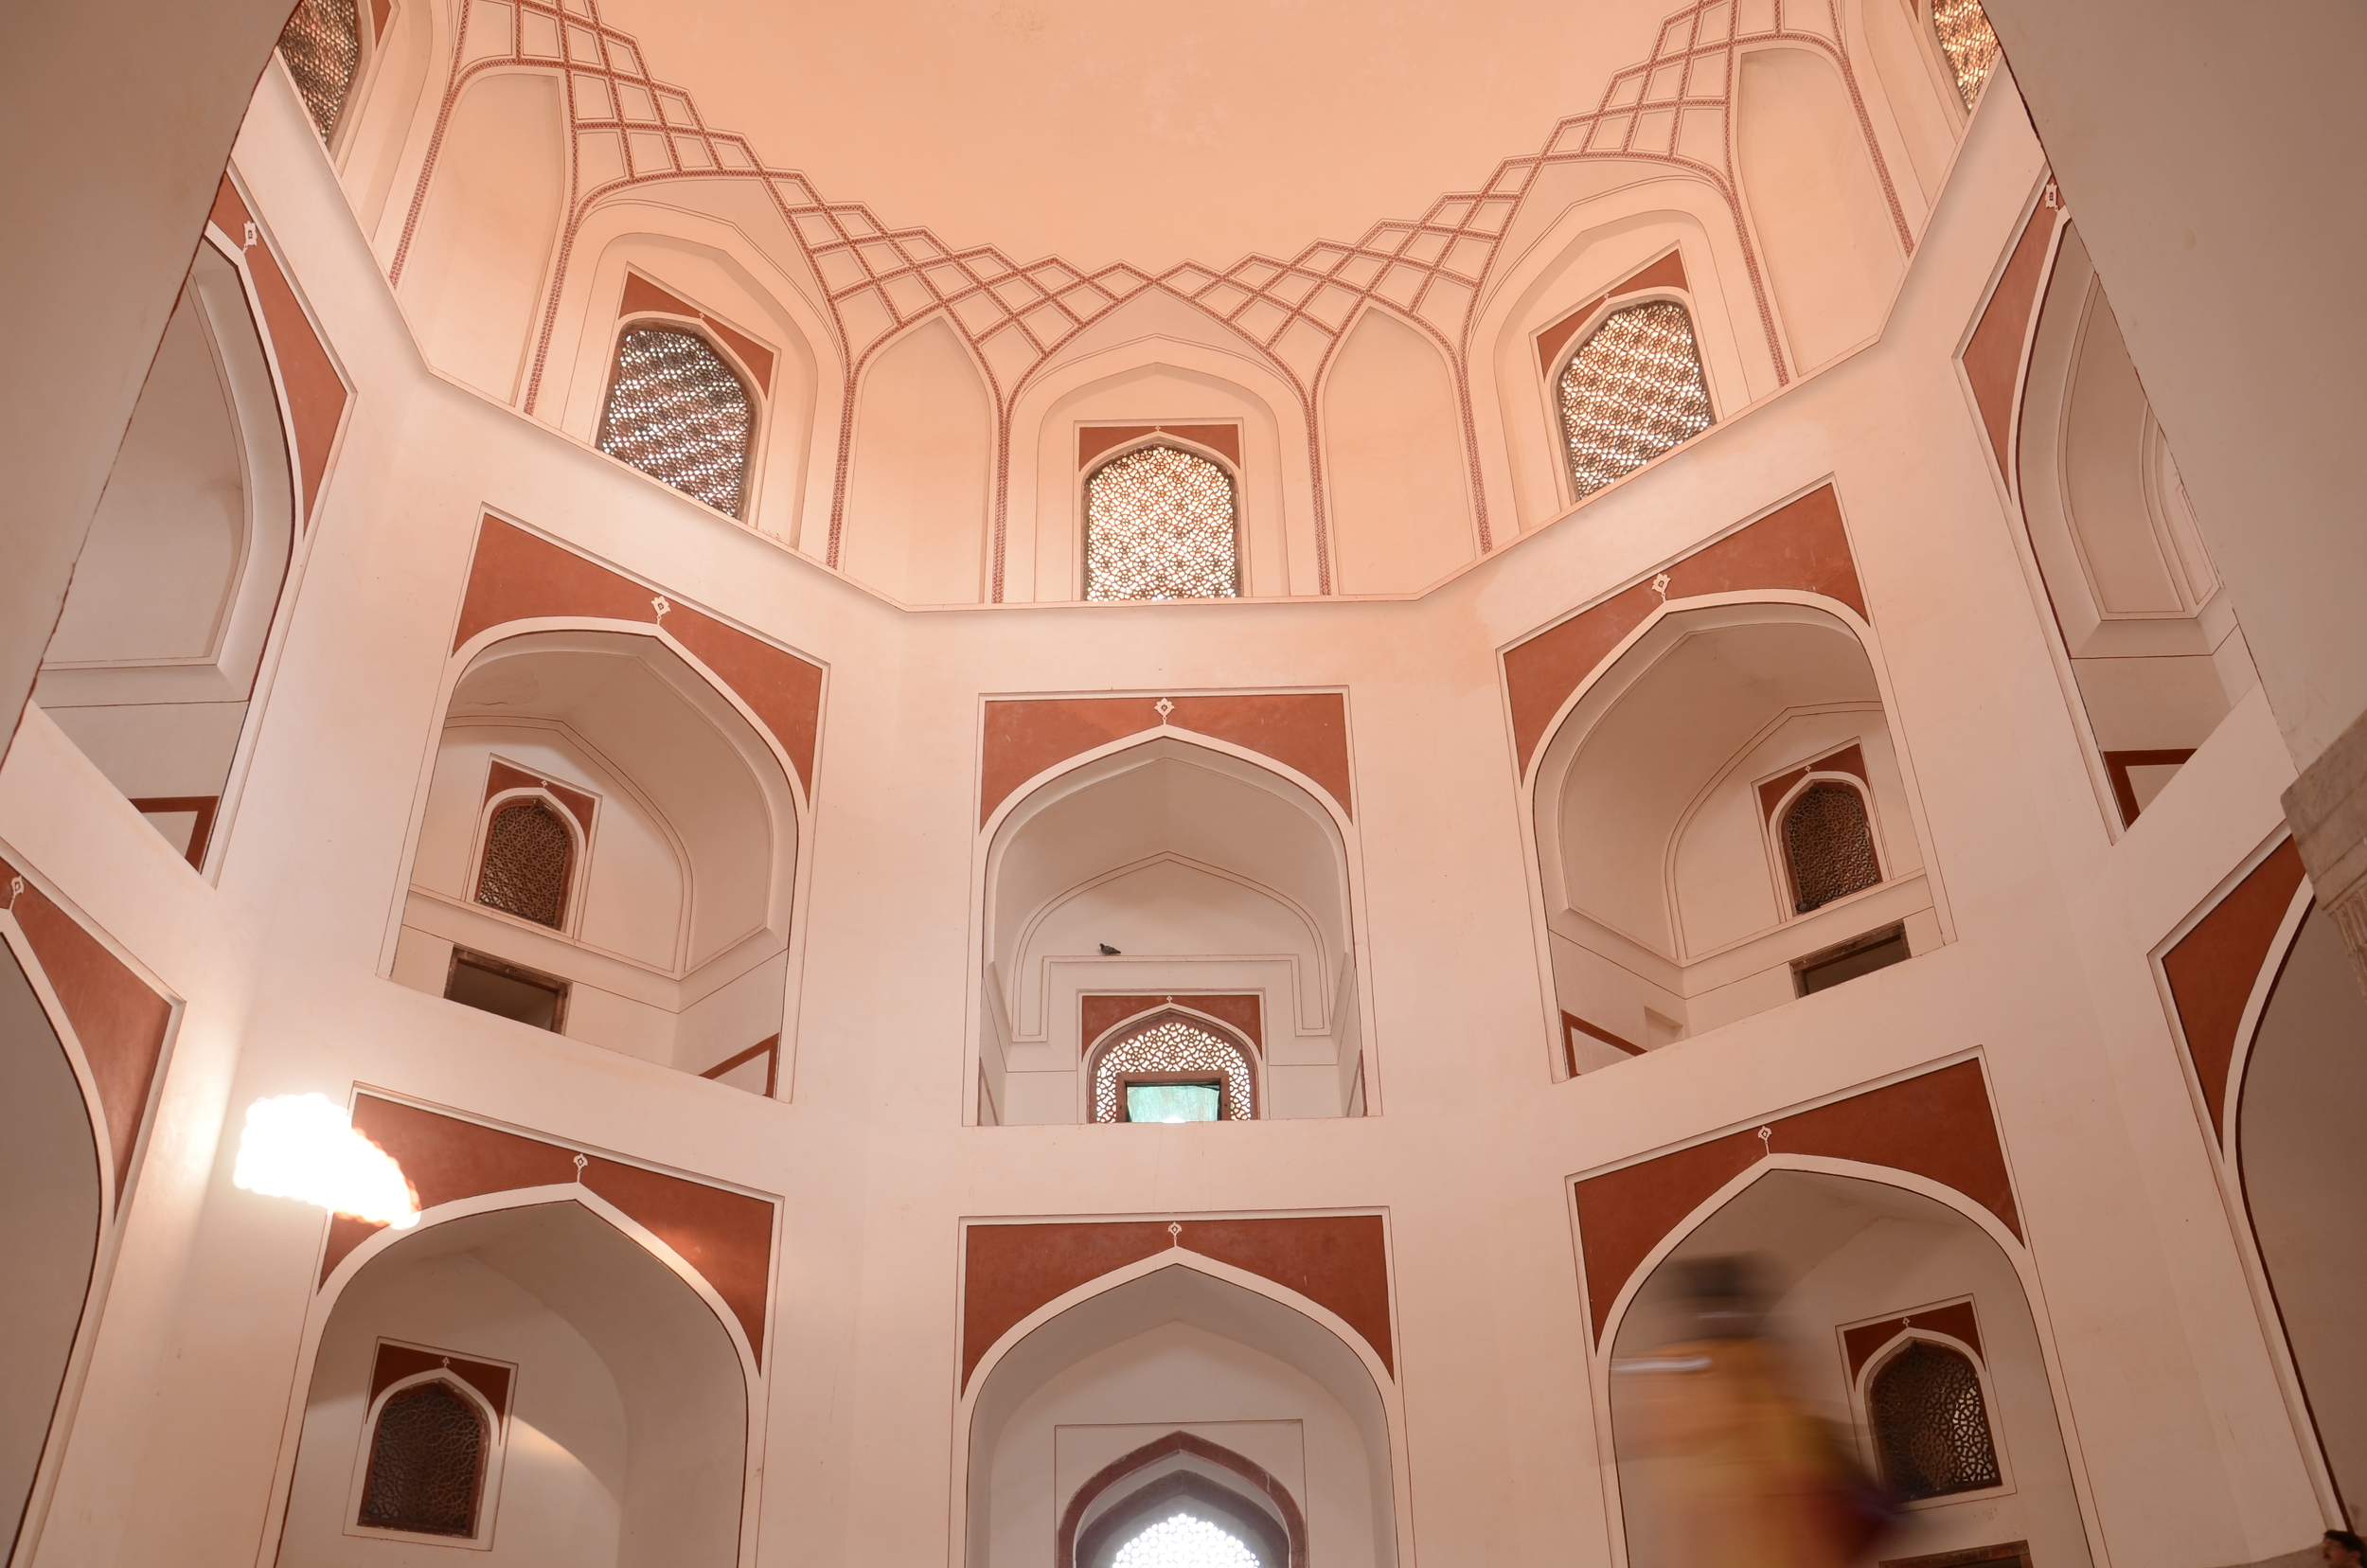 Humayun's Tomb interior